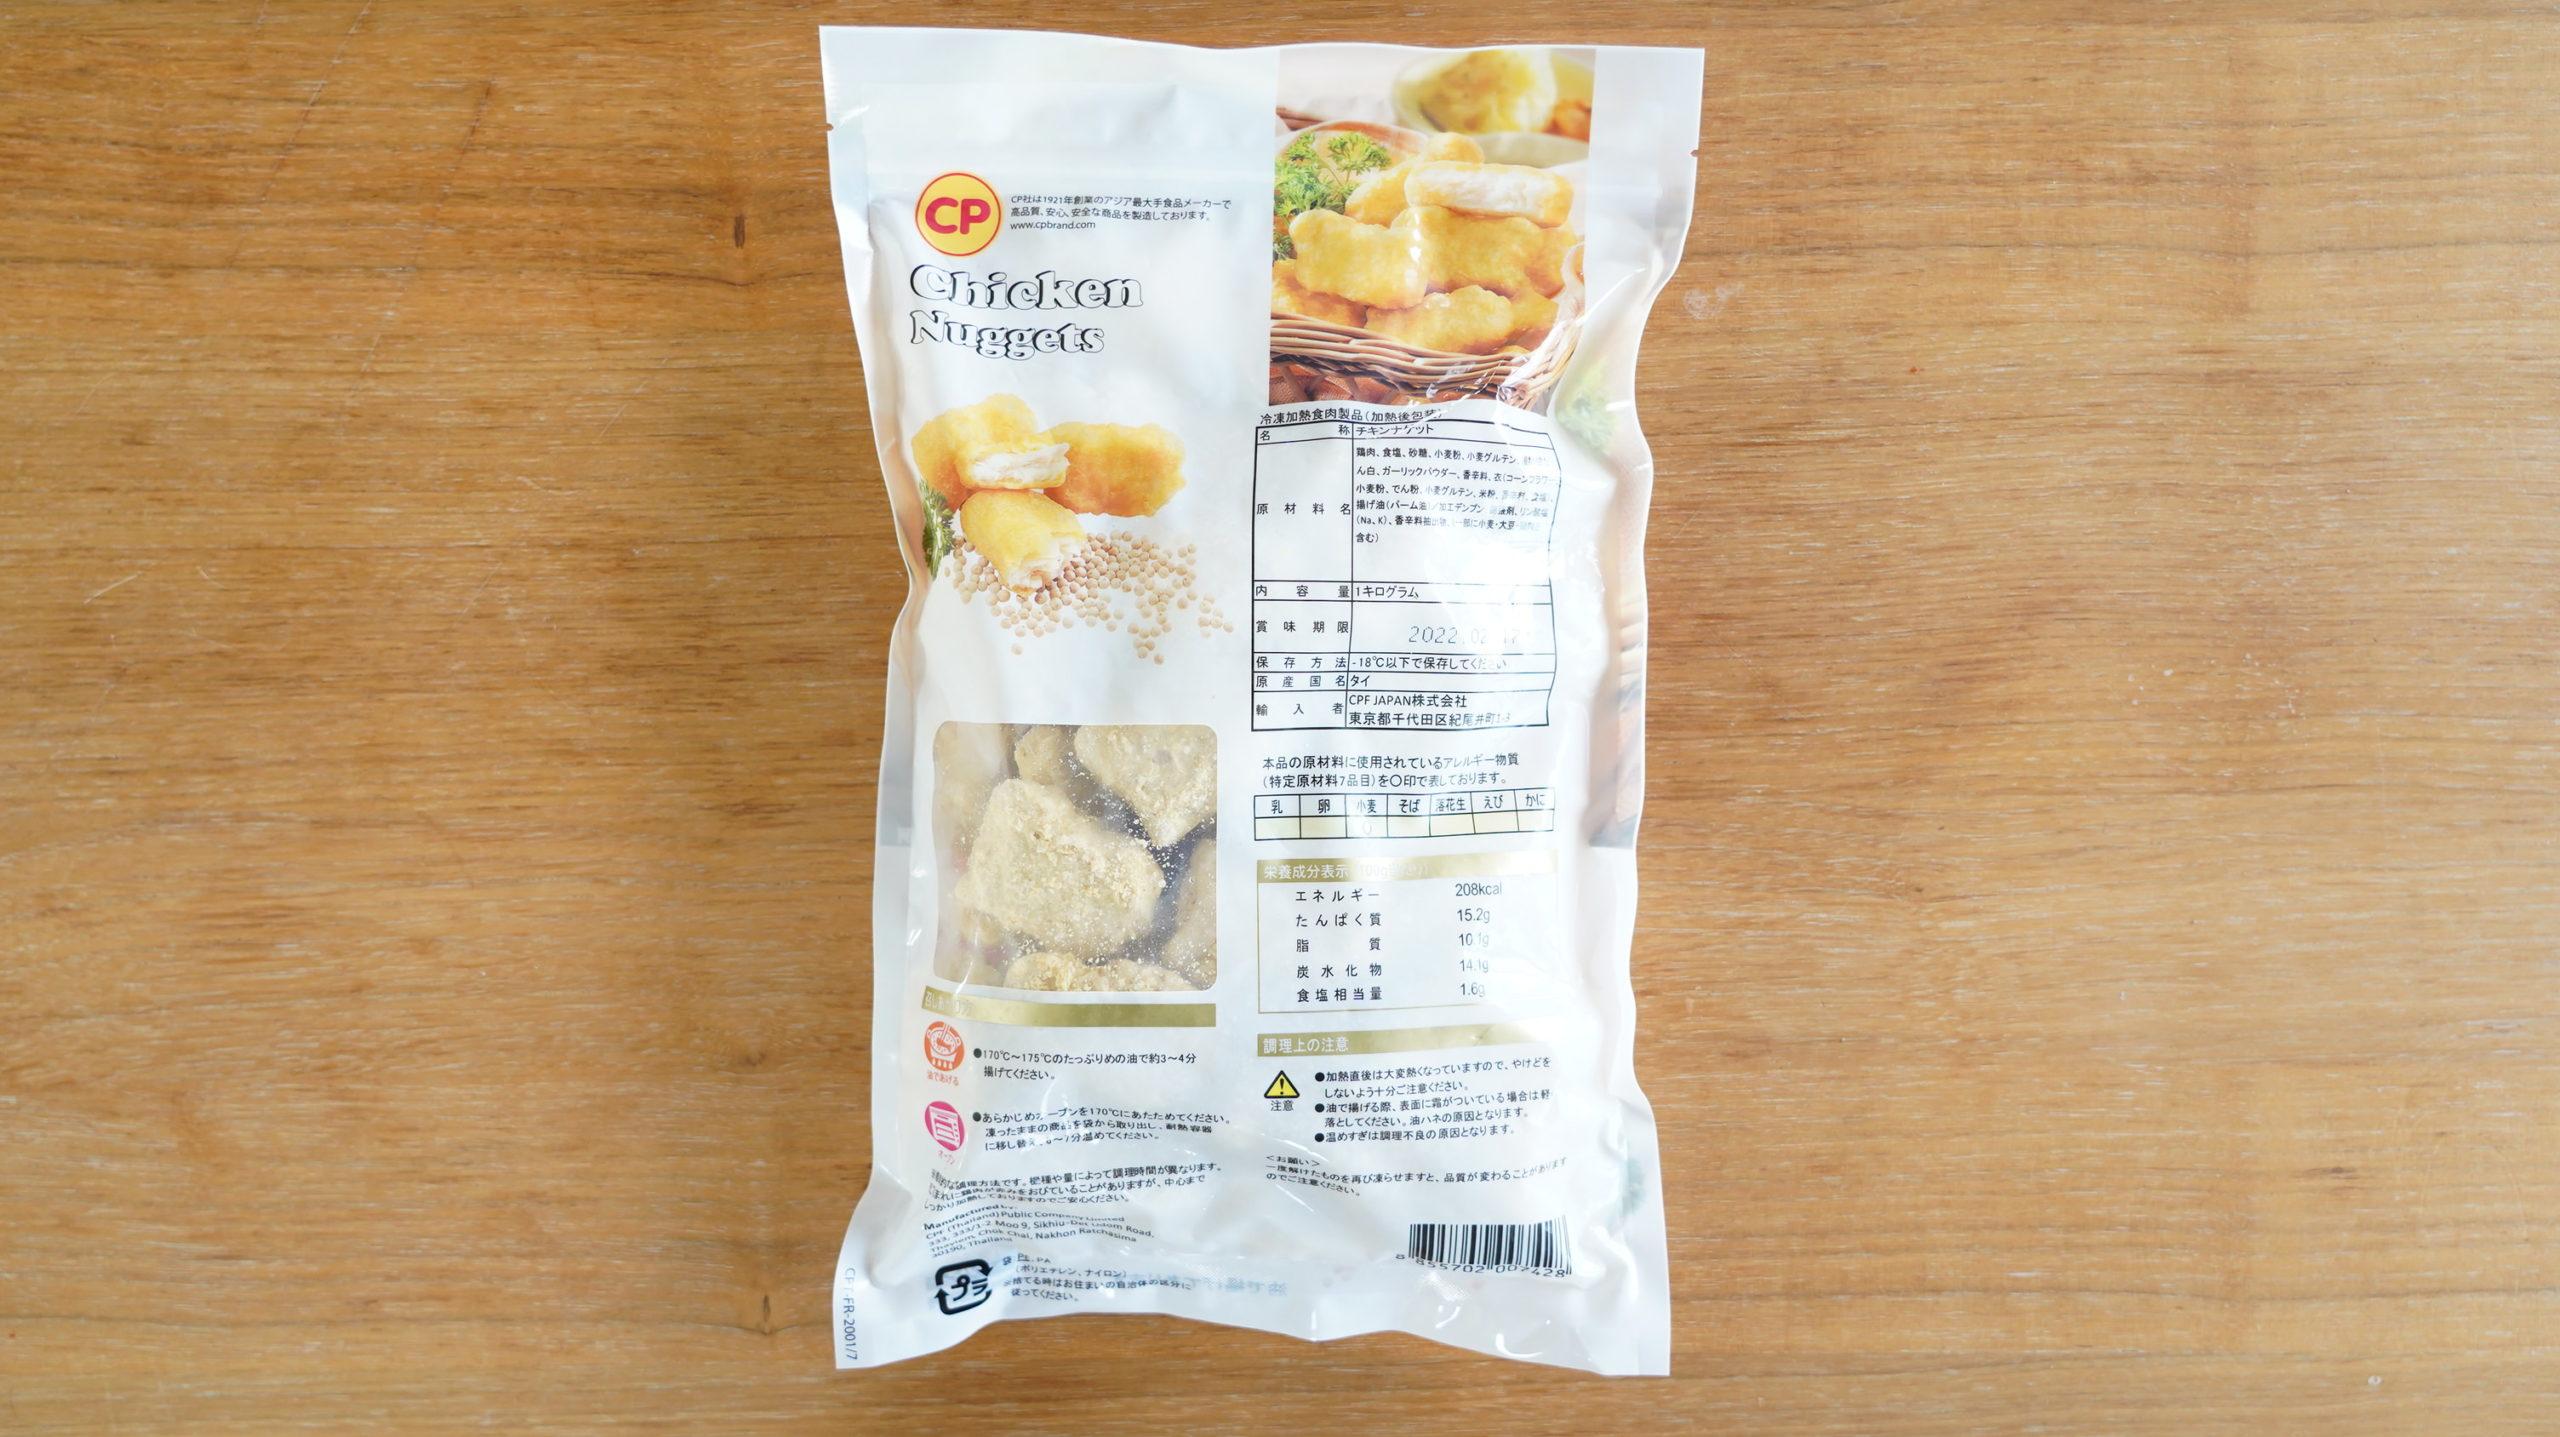 コストコの冷凍食品「CP チキンナゲット」のパッケージ裏面の写真